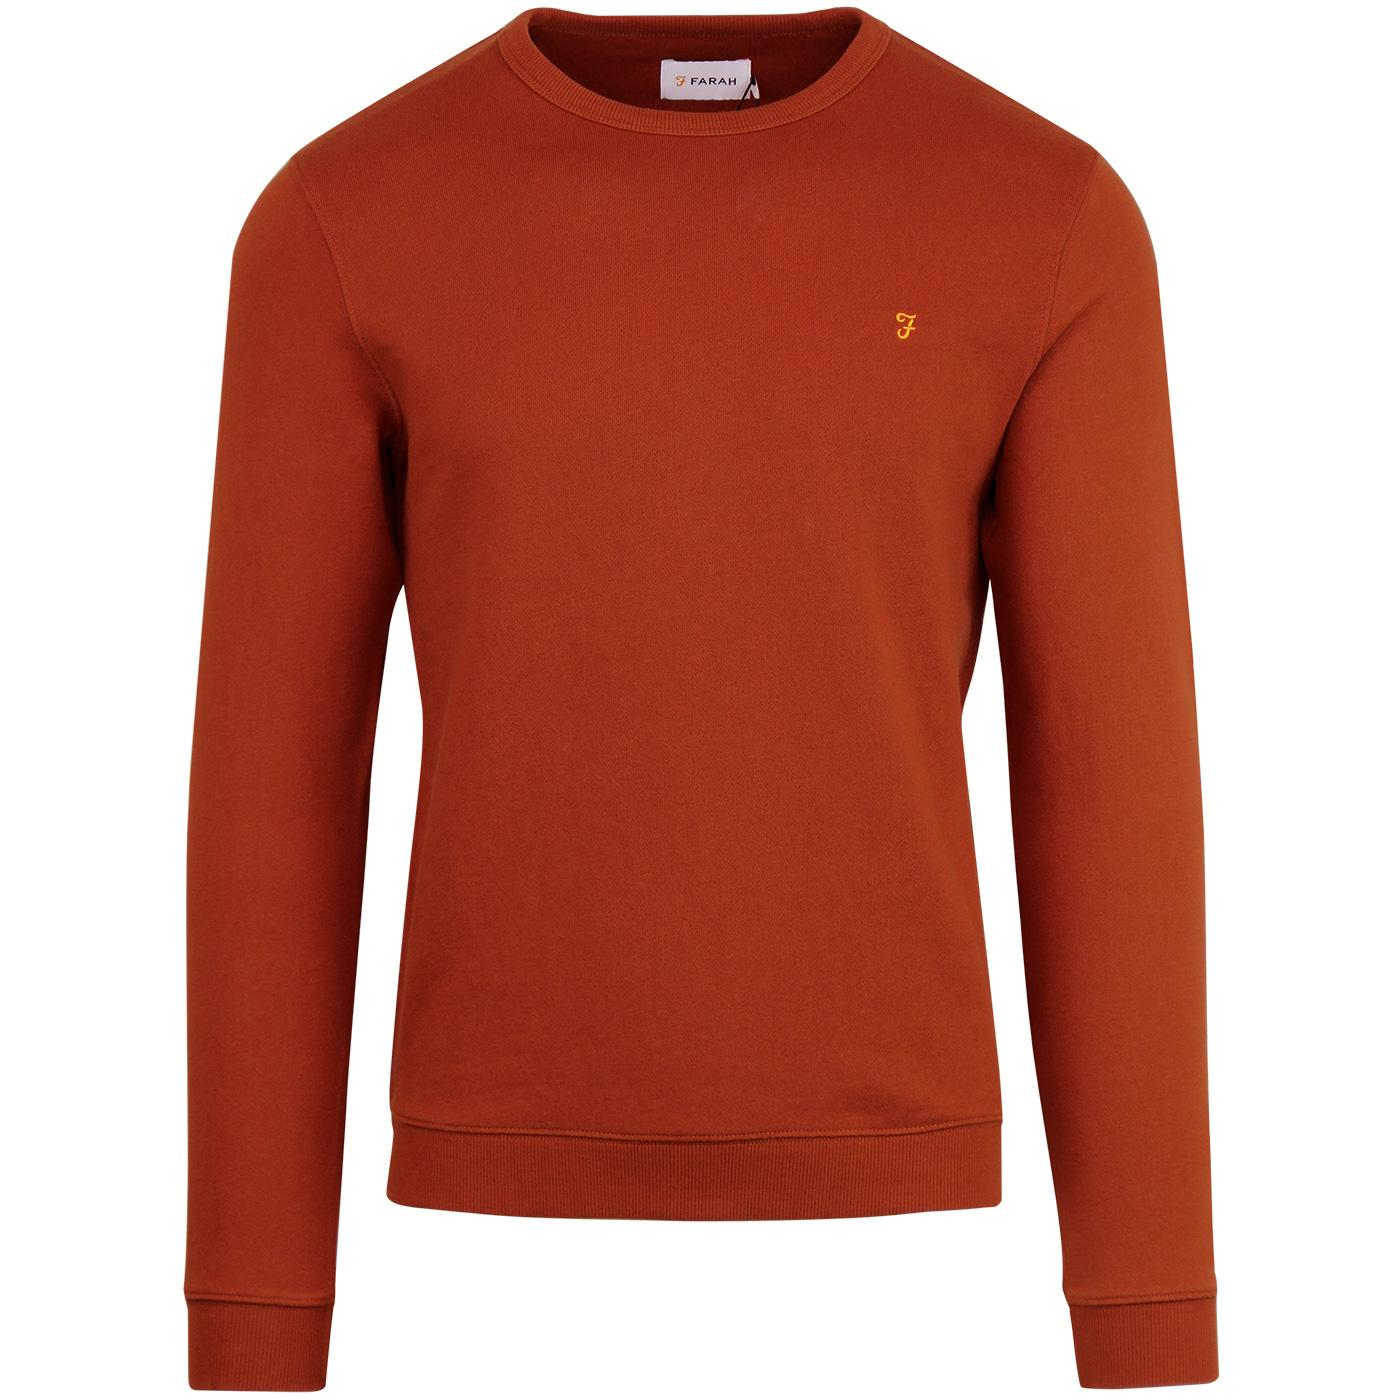 Pickewell FARAH Mens Retro Indie Sweatshirt (Rust)